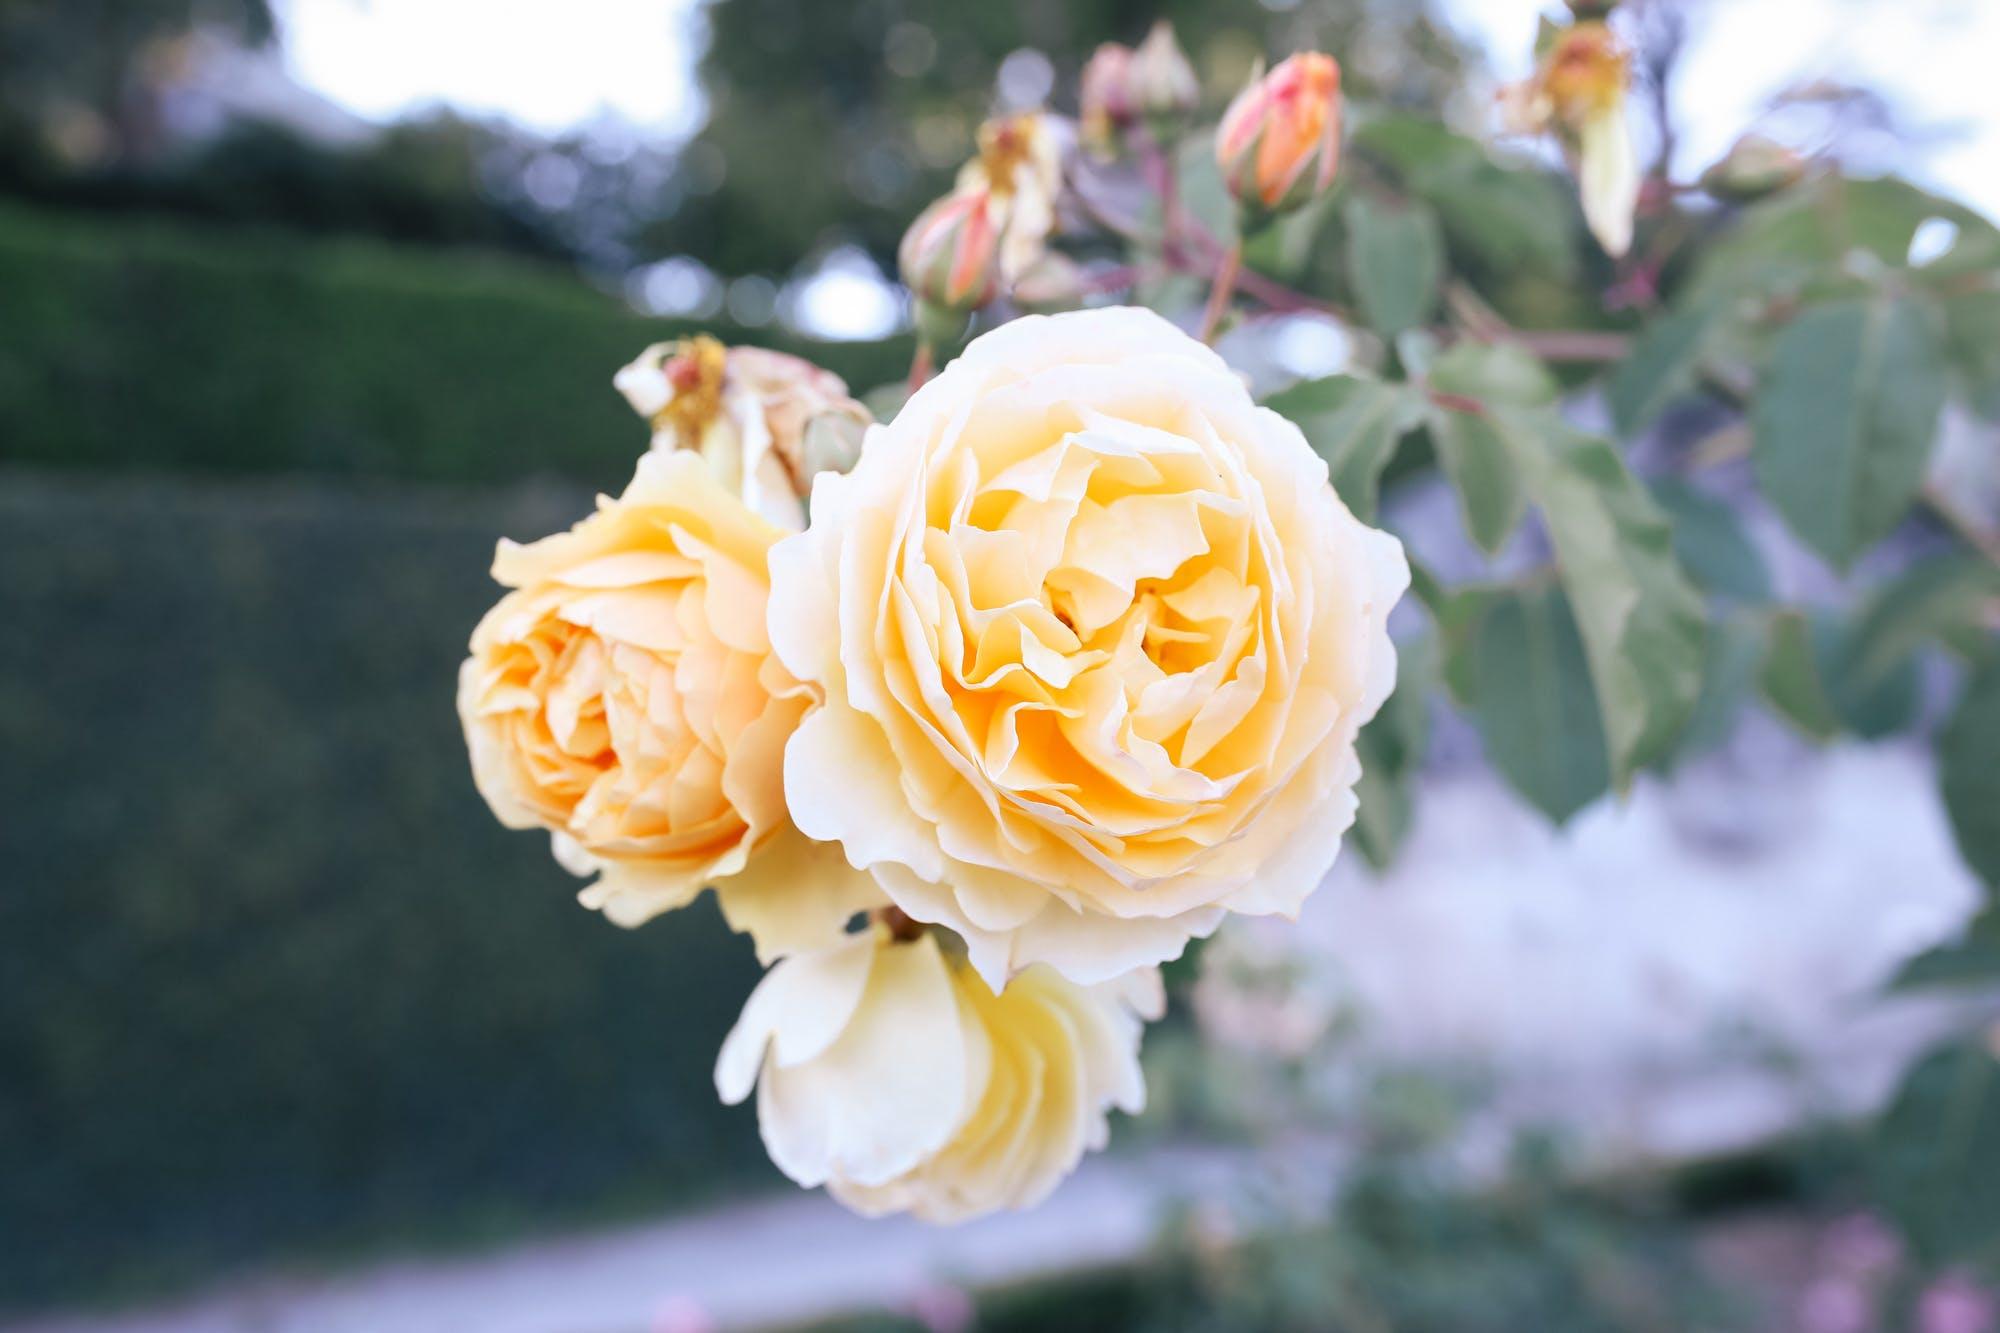 rose garden palacio de cristal